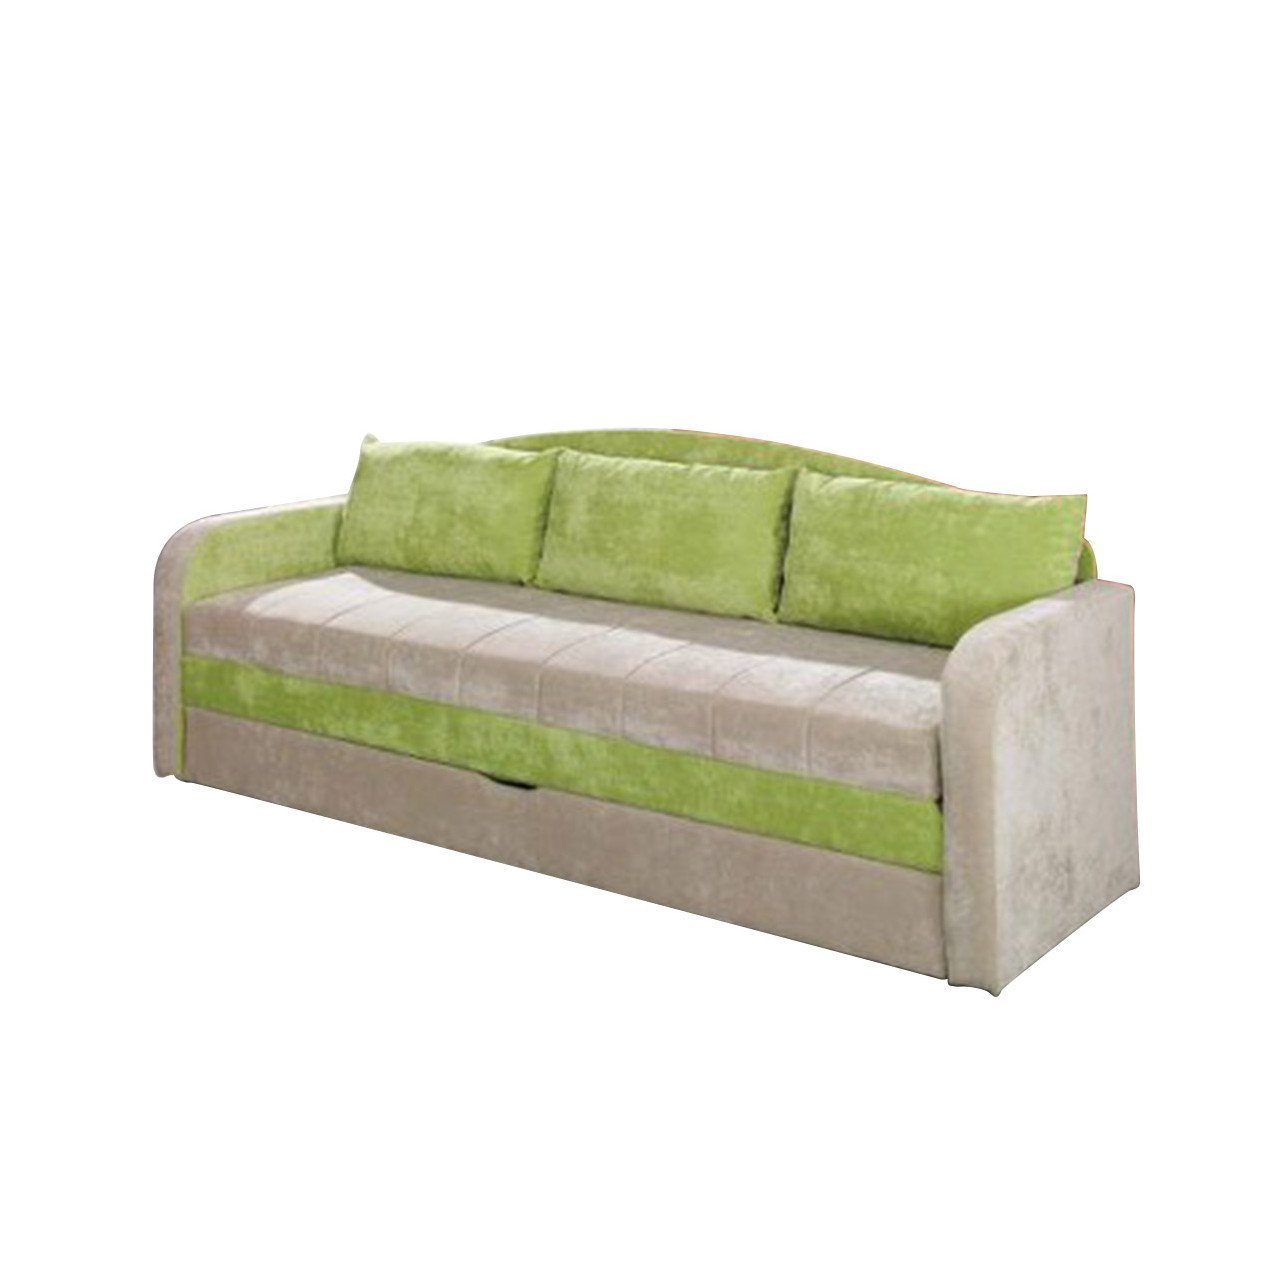 Mirjan24 Schlafsofa Tenus, Sofa Couch mit Bettkasten und Schlafcouch ...